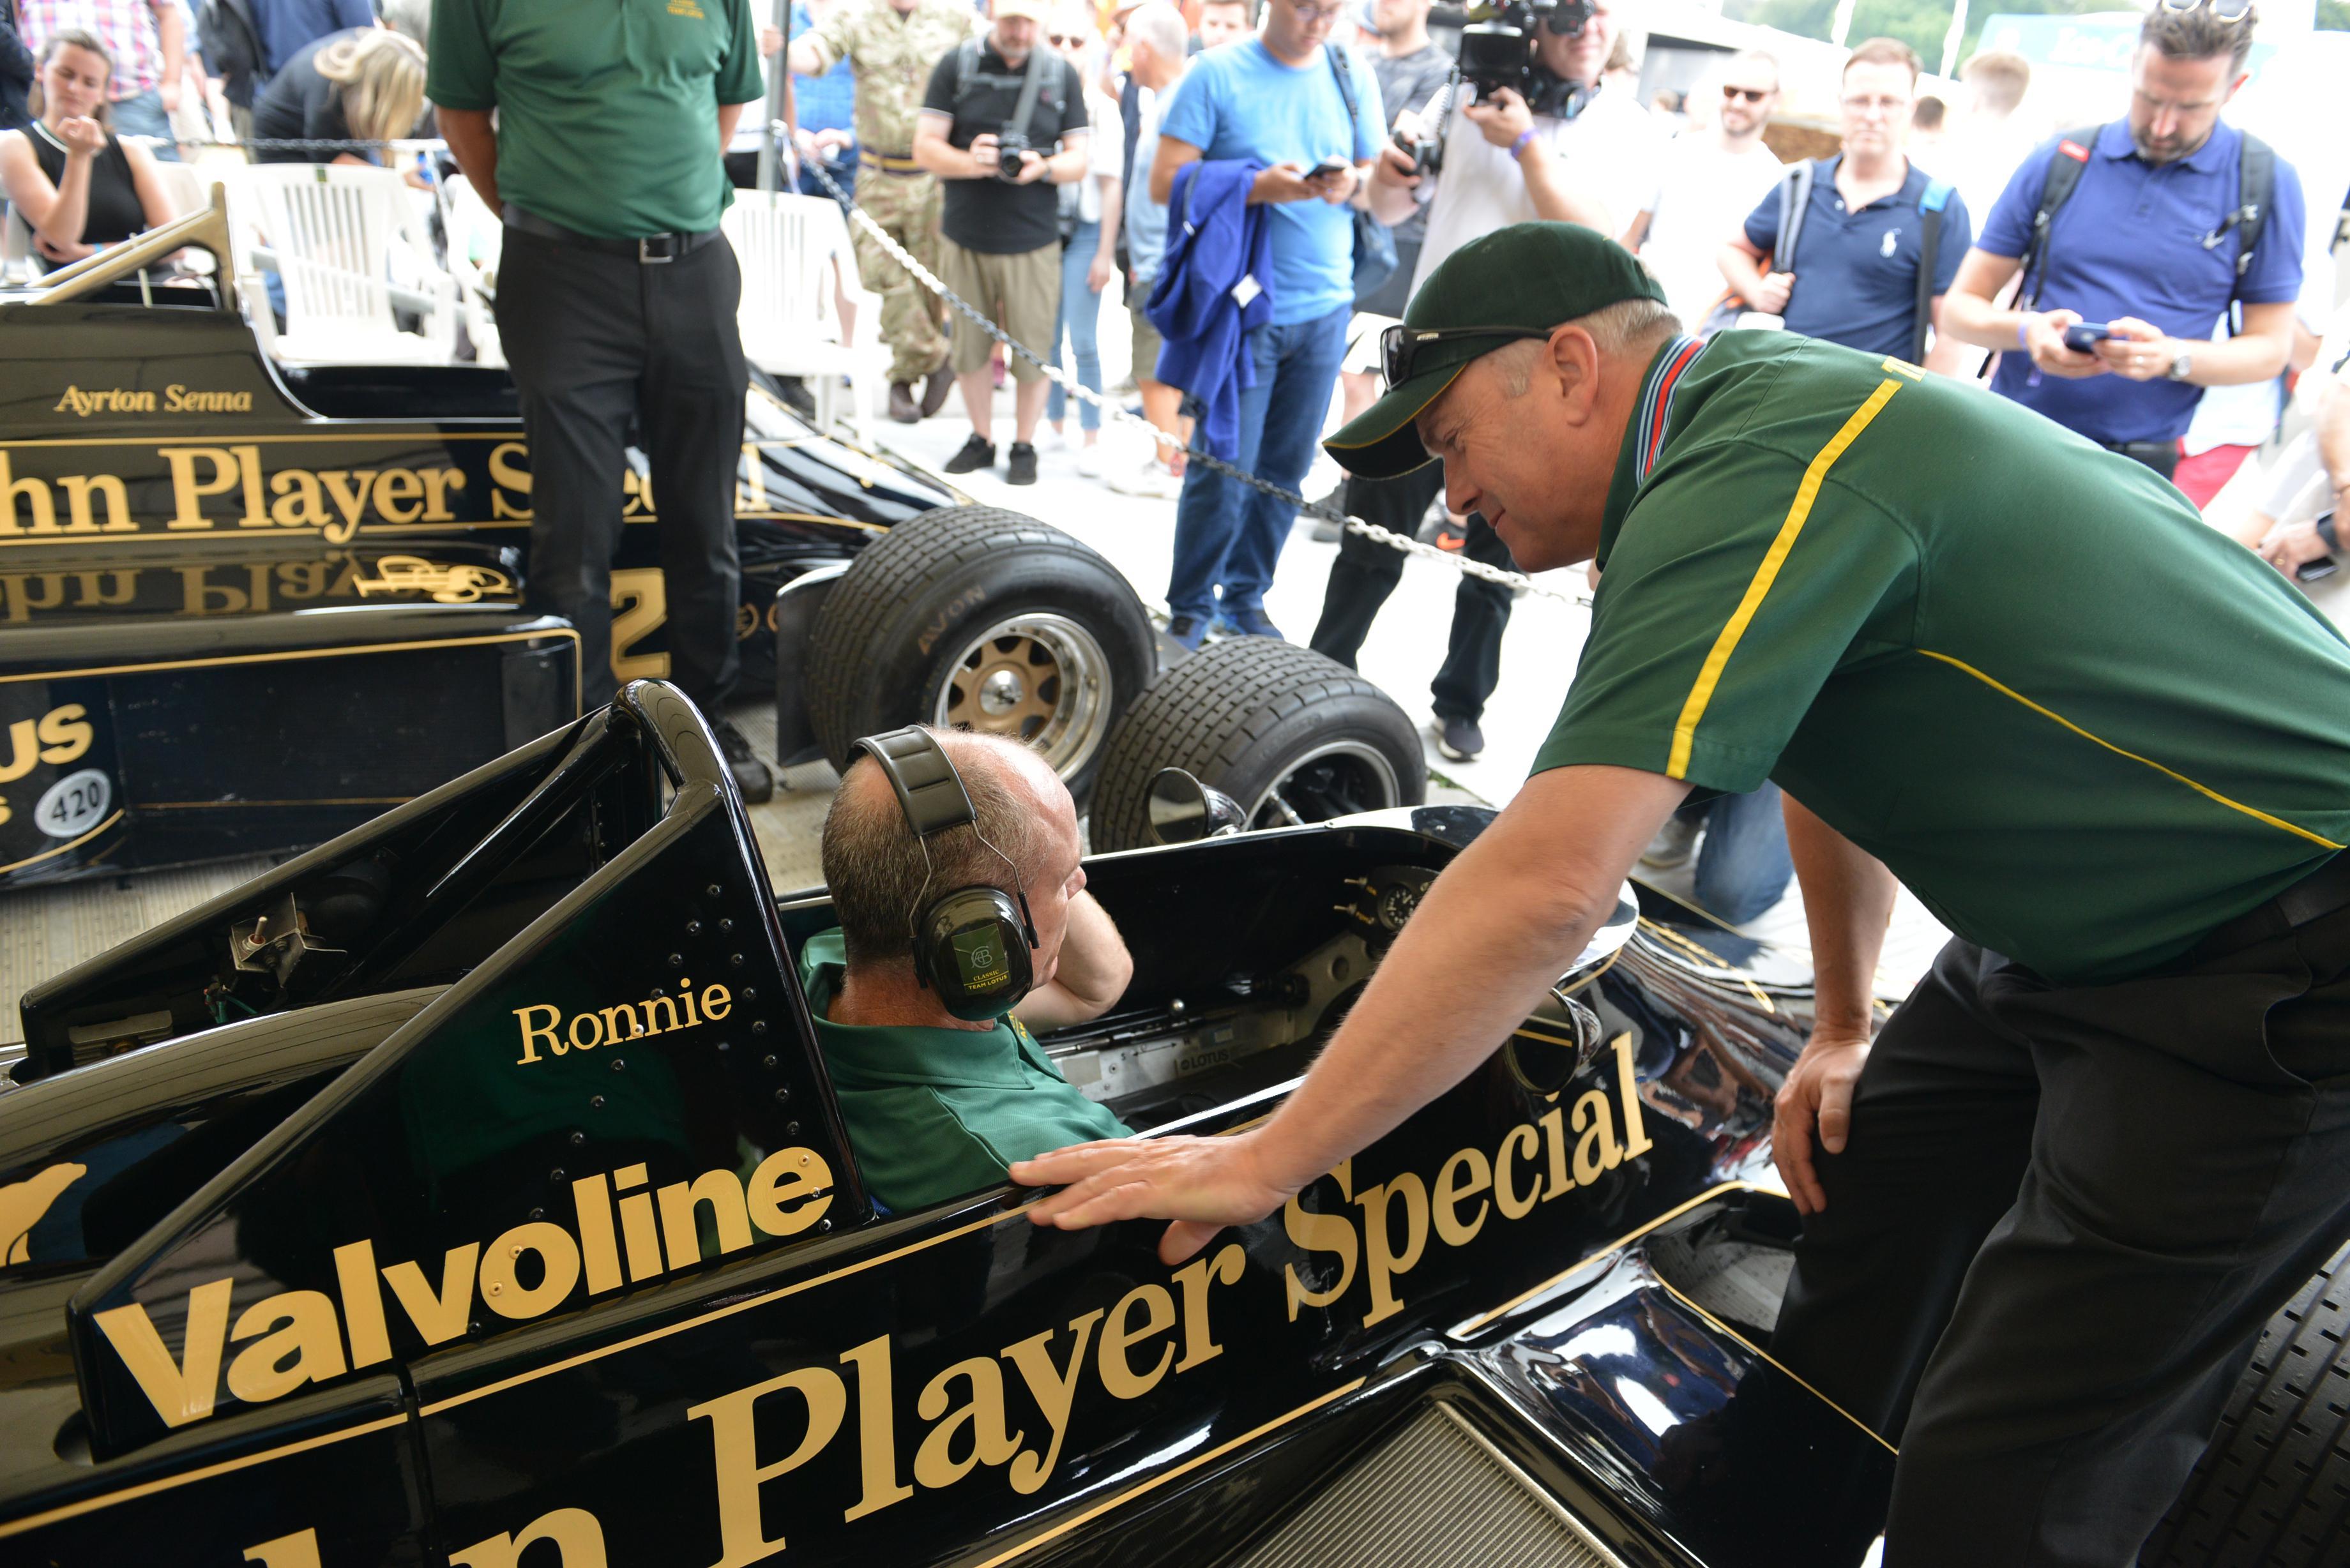 一位路特斯收藏家今日要开着F1赛车藏品驰骋速度节